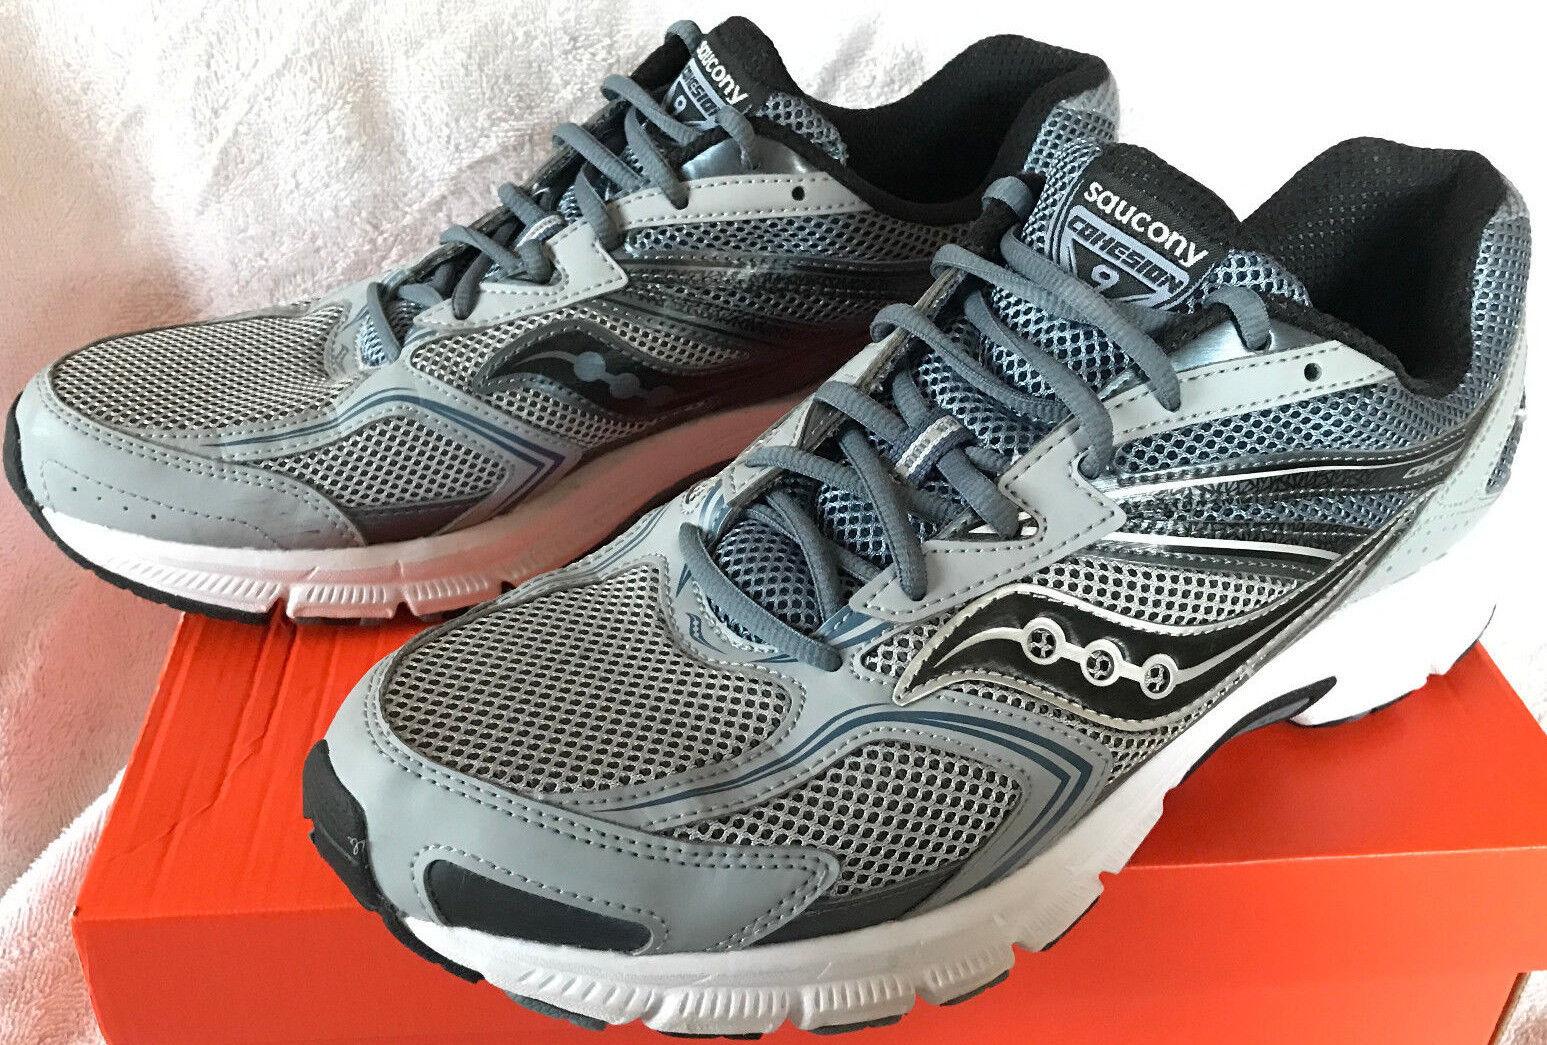 Saucony Grid Cohesion 9 Argent S25262-5 neutre Marathon Chaussures De Course Homme 13